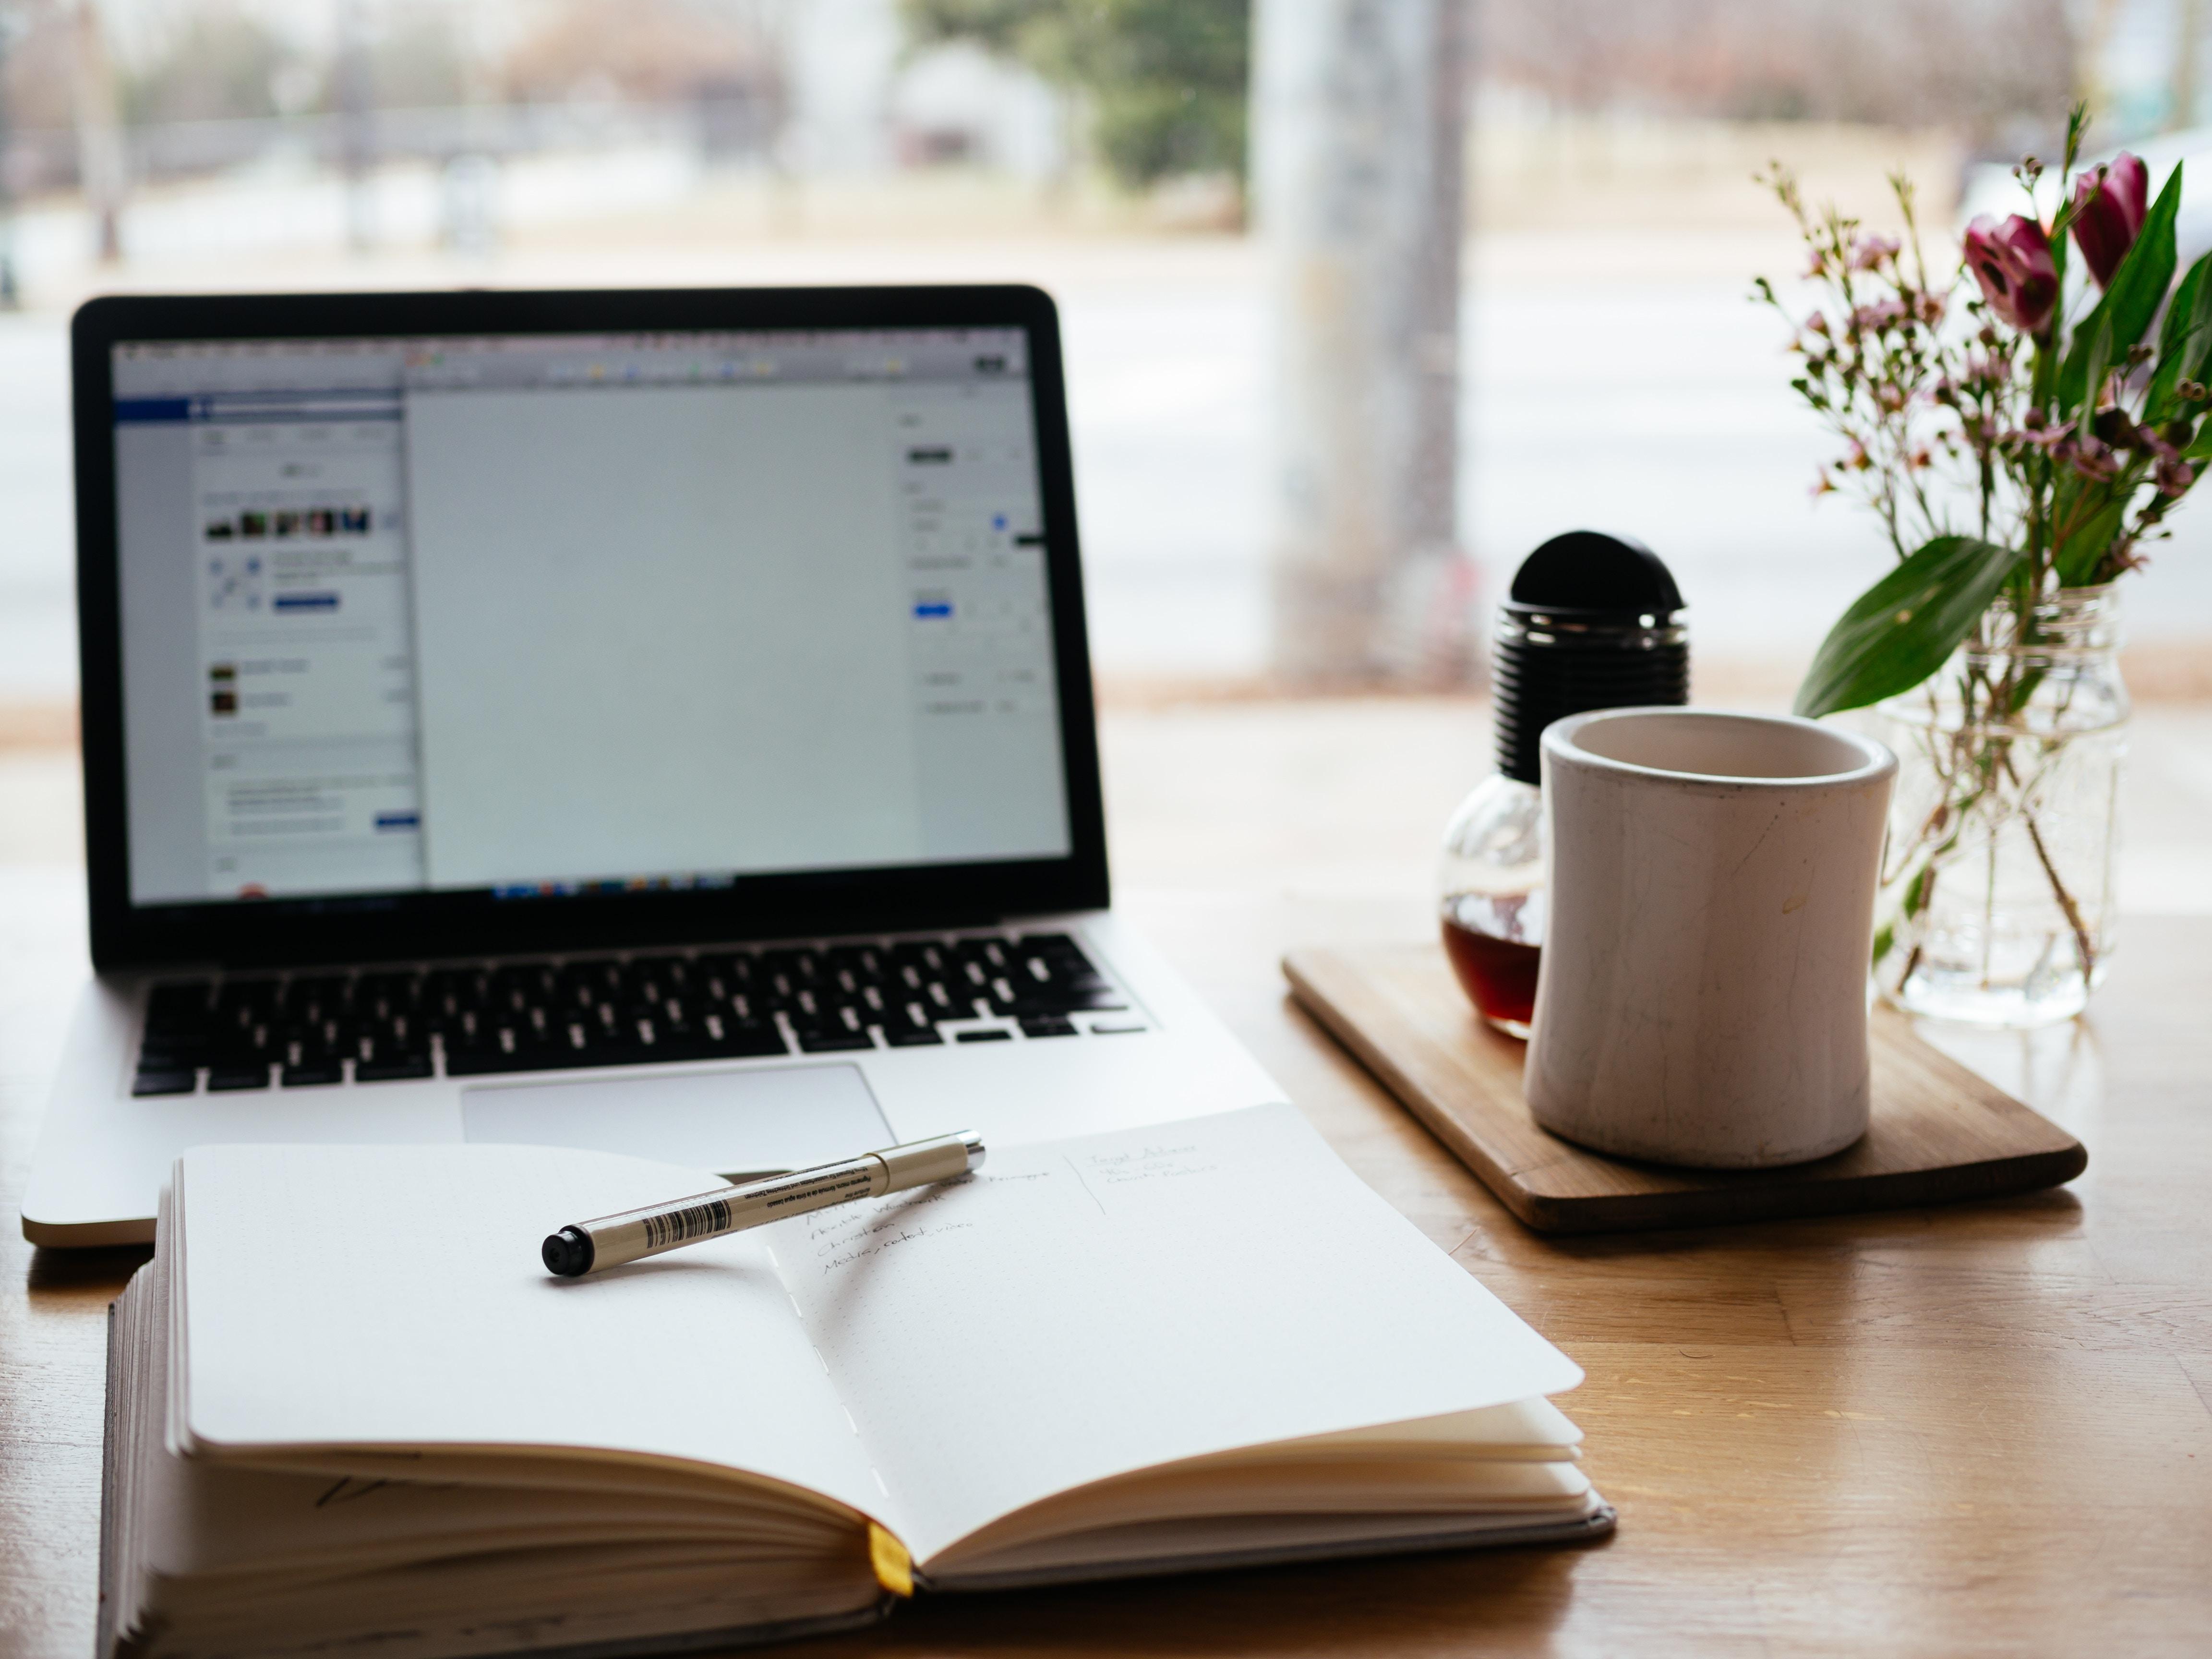 blogs you should read